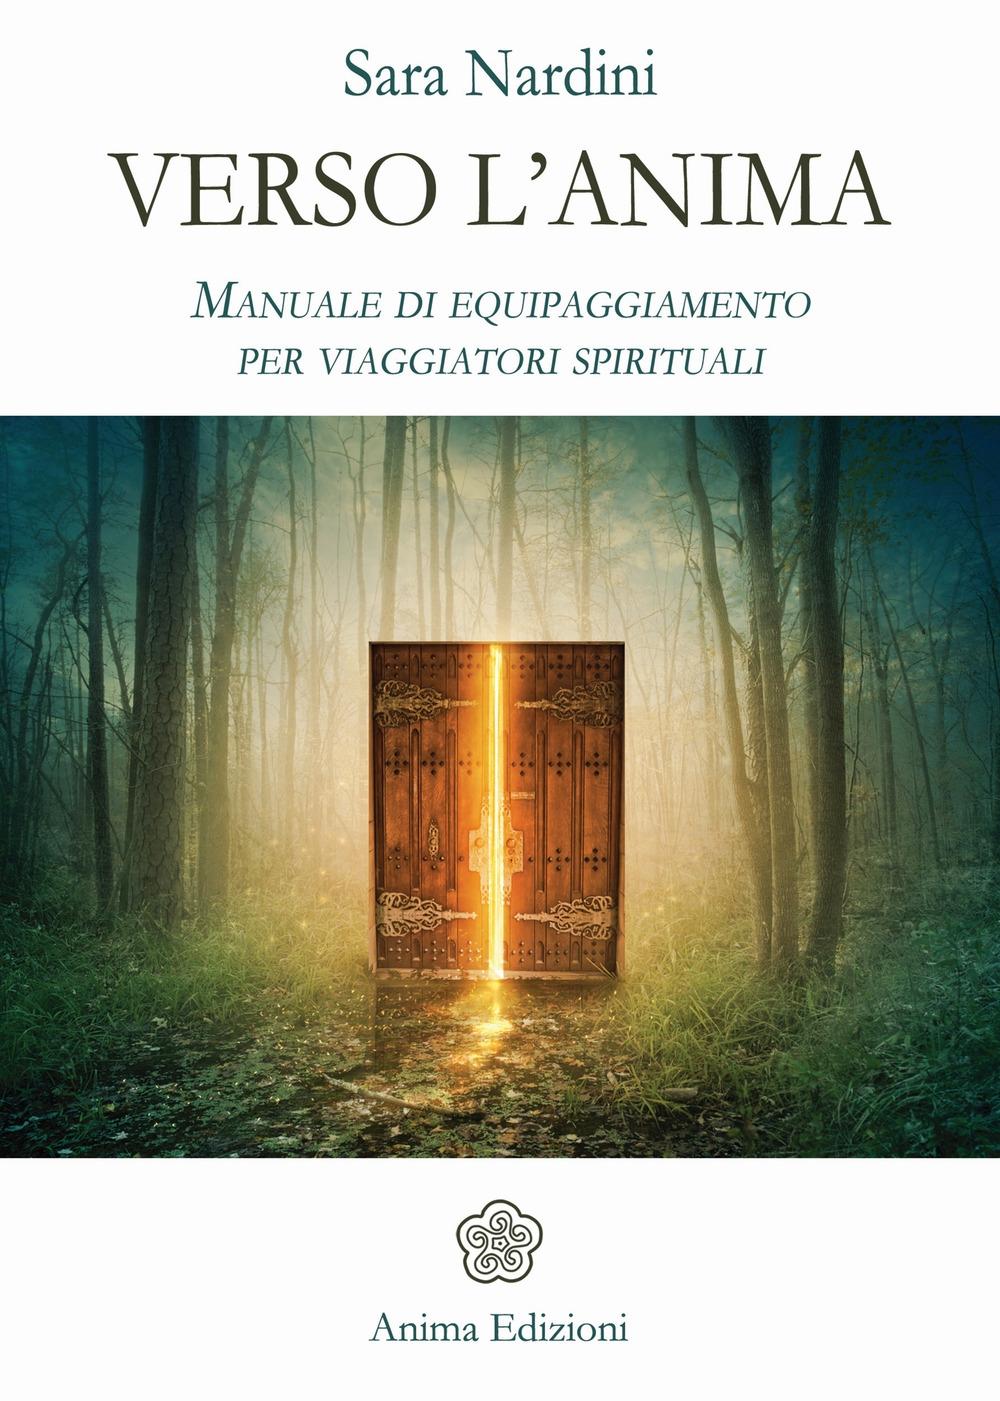 Verso l'anima. Manuale di equipaggiamento per viaggiatori spirituali